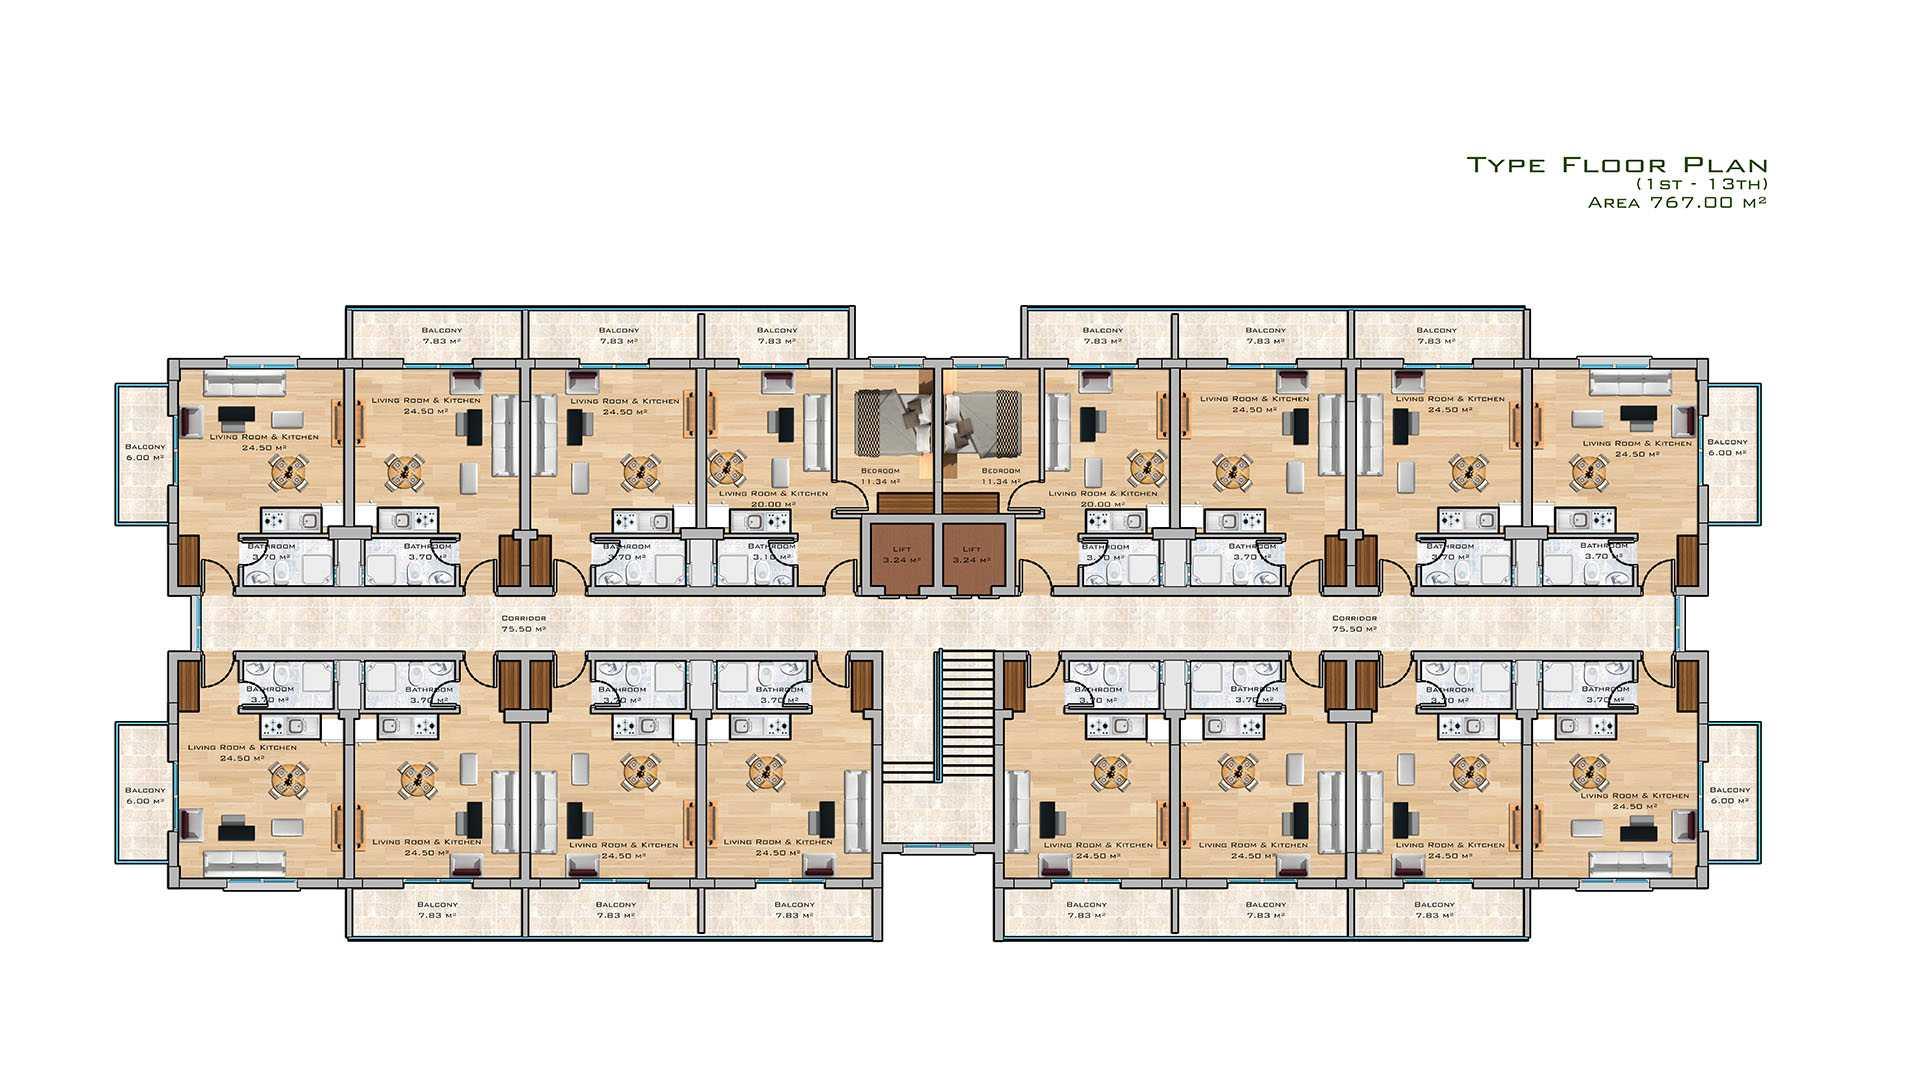 Type Floor